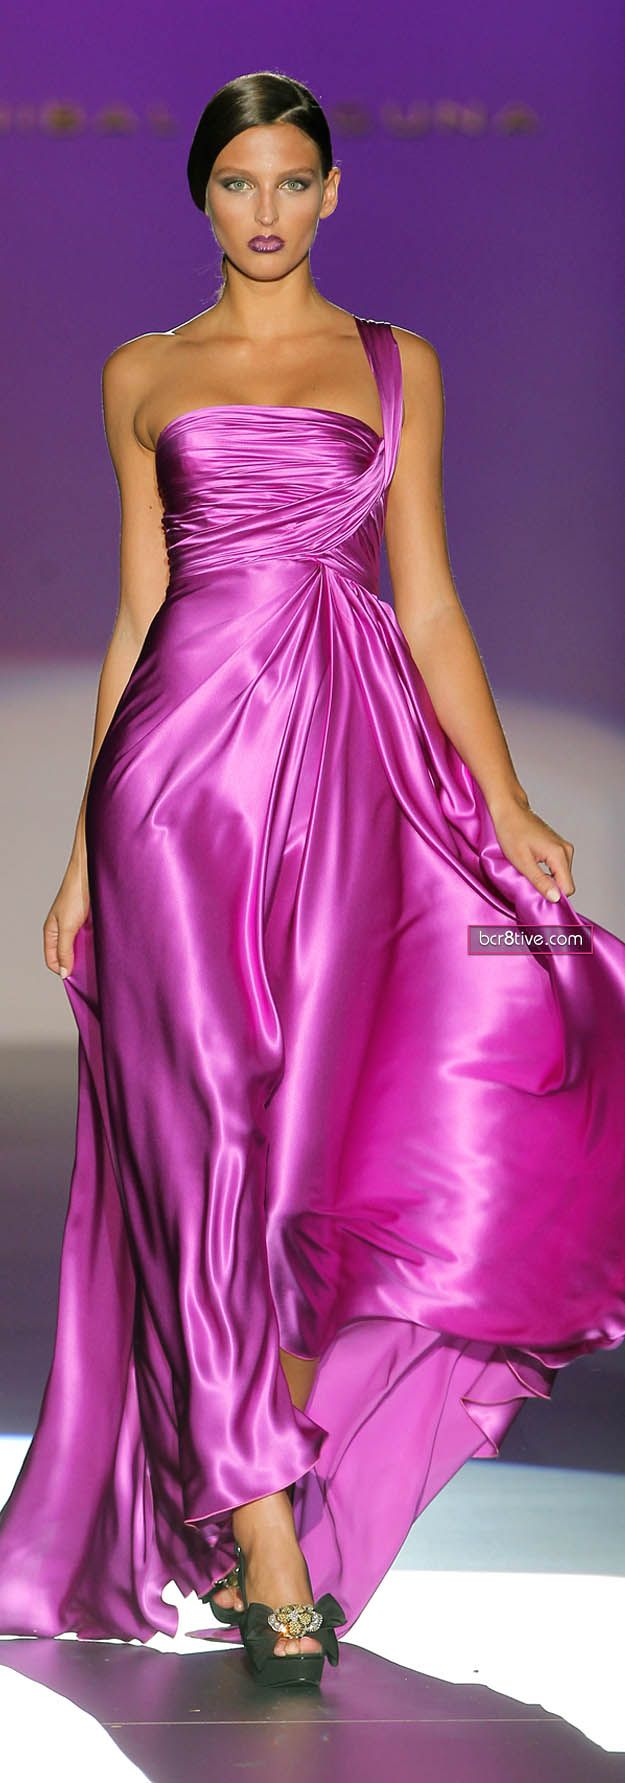 Fantástico Vestido De Novia Pinterest Colección de Imágenes ...